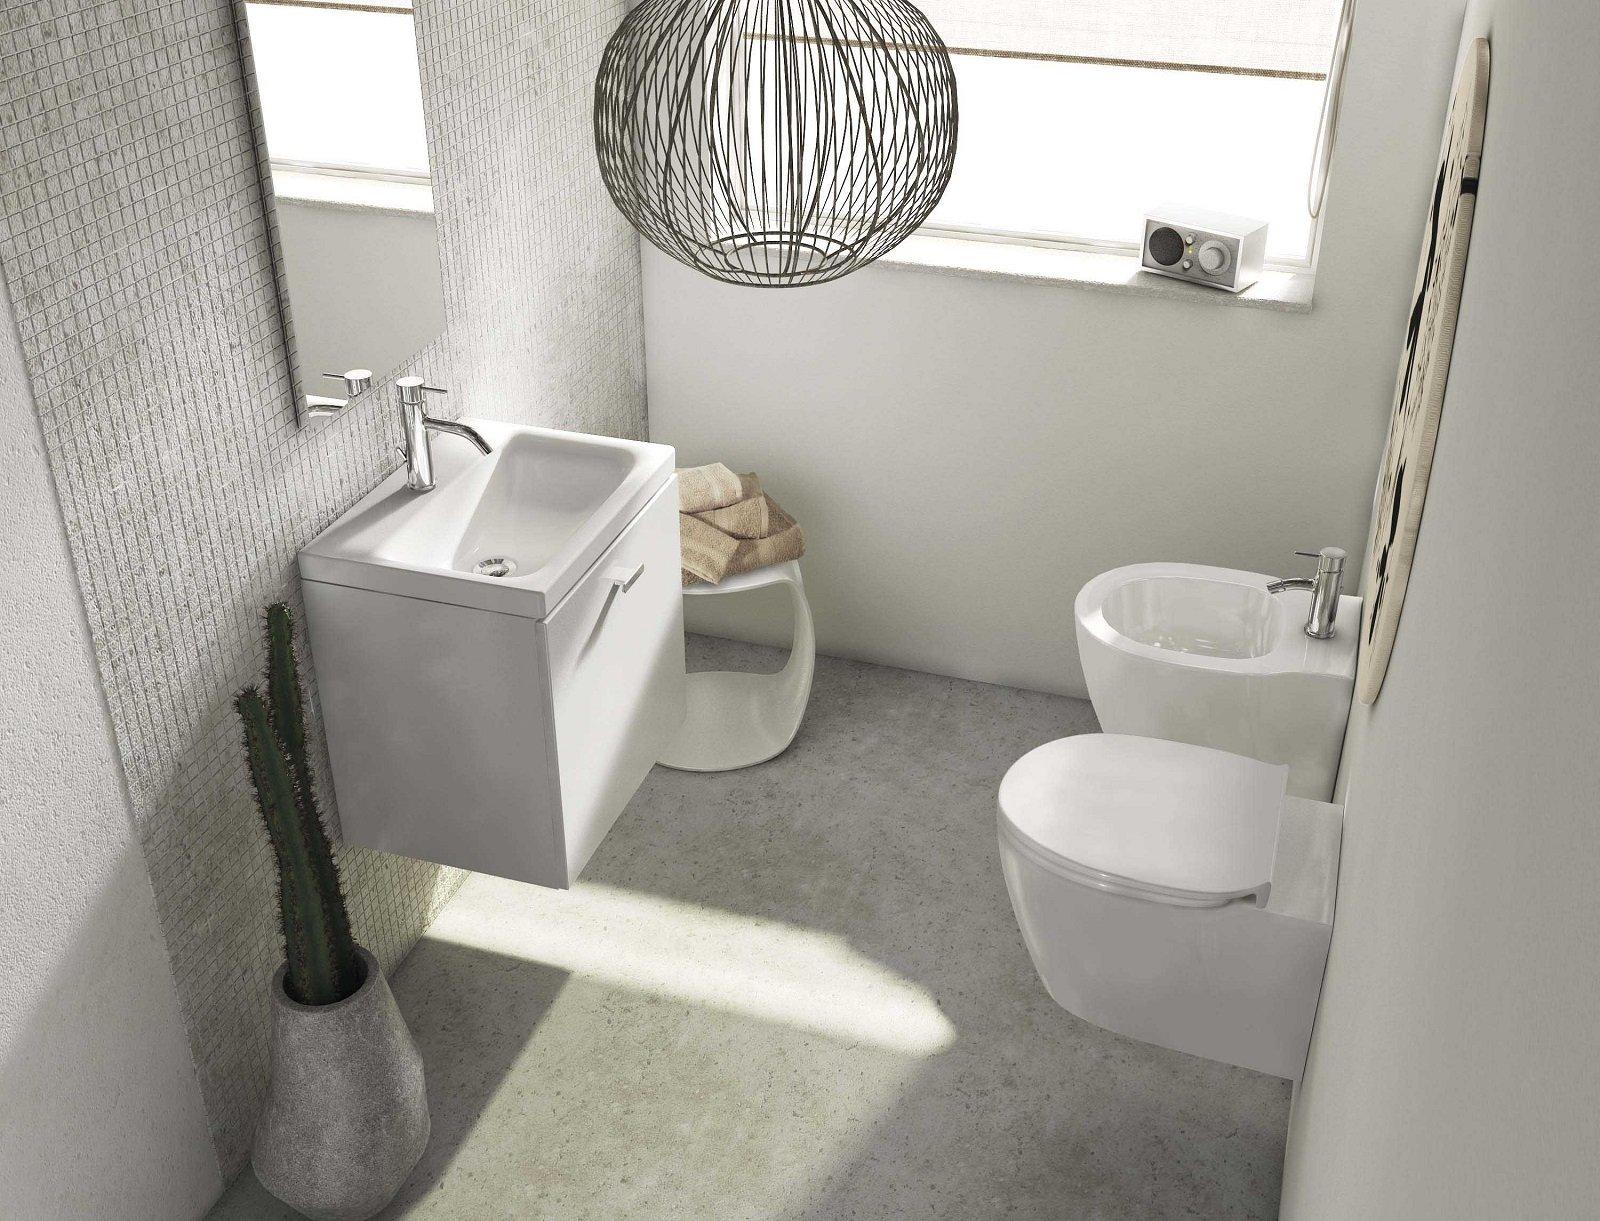 Vasca Da Bagno Dolomite Prezzi : Soluzioni salvaspazio per il bagno per risparmiare centimetri